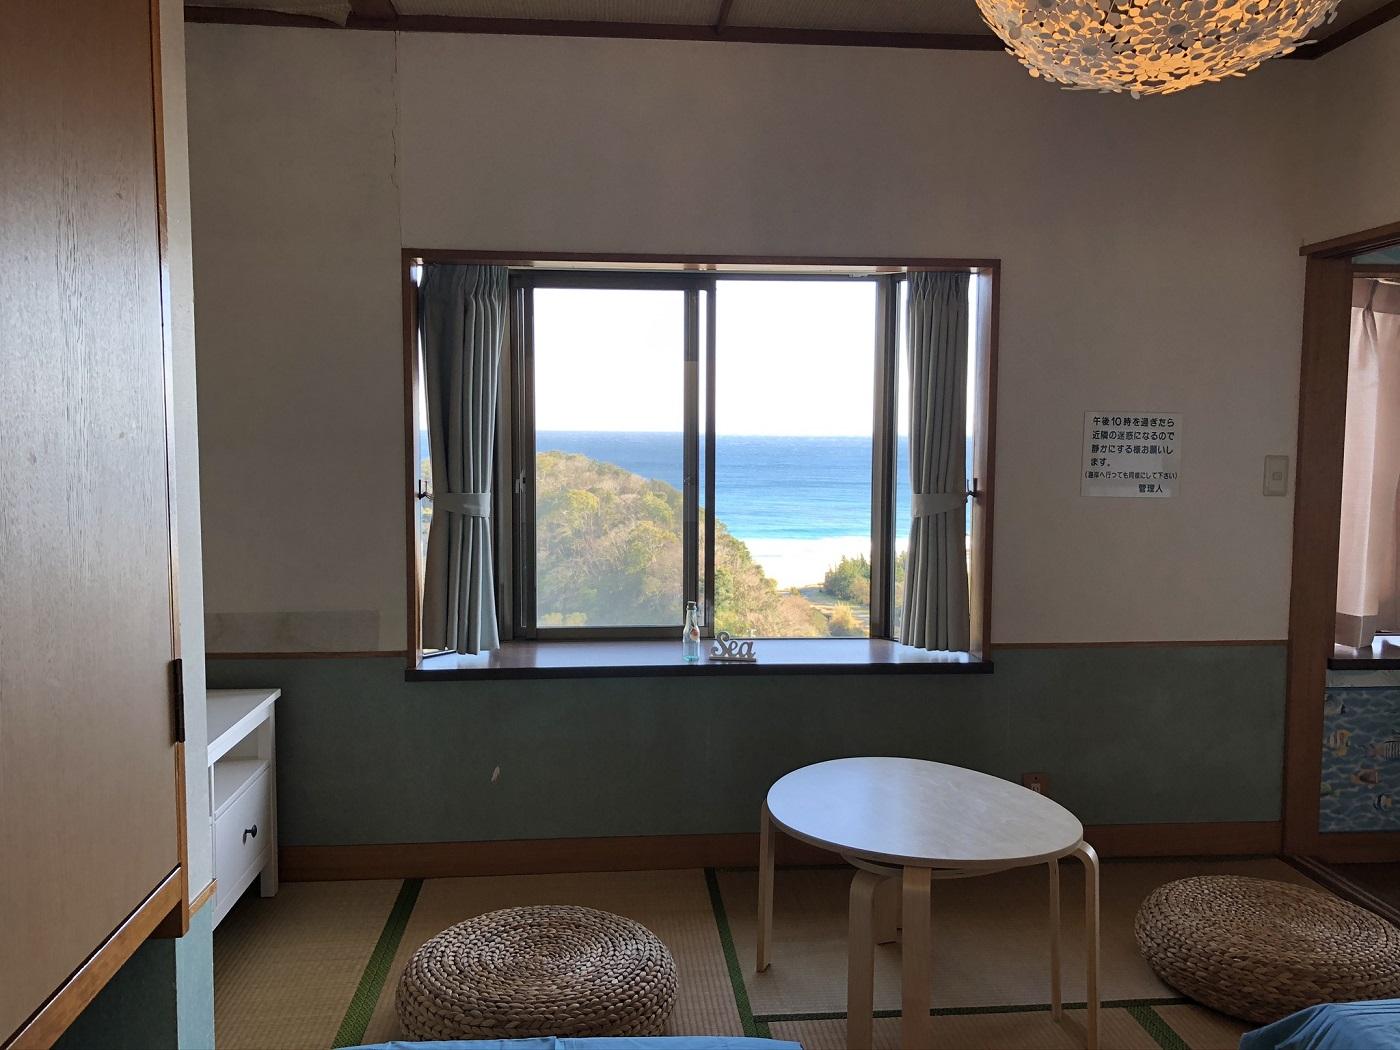 入田浜が見下ろせる絶景のコテージ。コテージからの景色がよく四季通して海が楽しめます